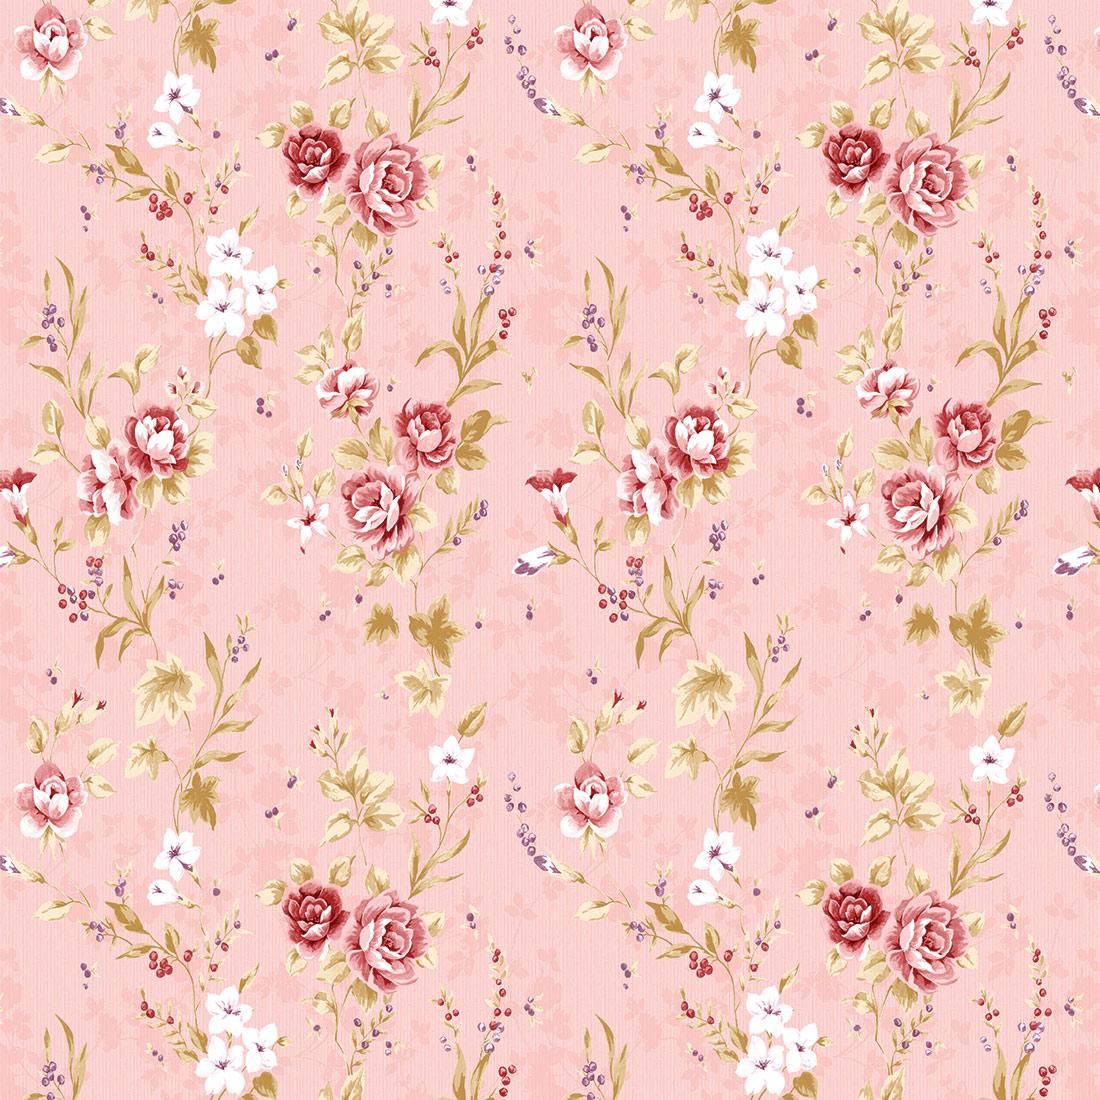 papel de parede fundo flor do tumblr no elo7 decoraplus 939868